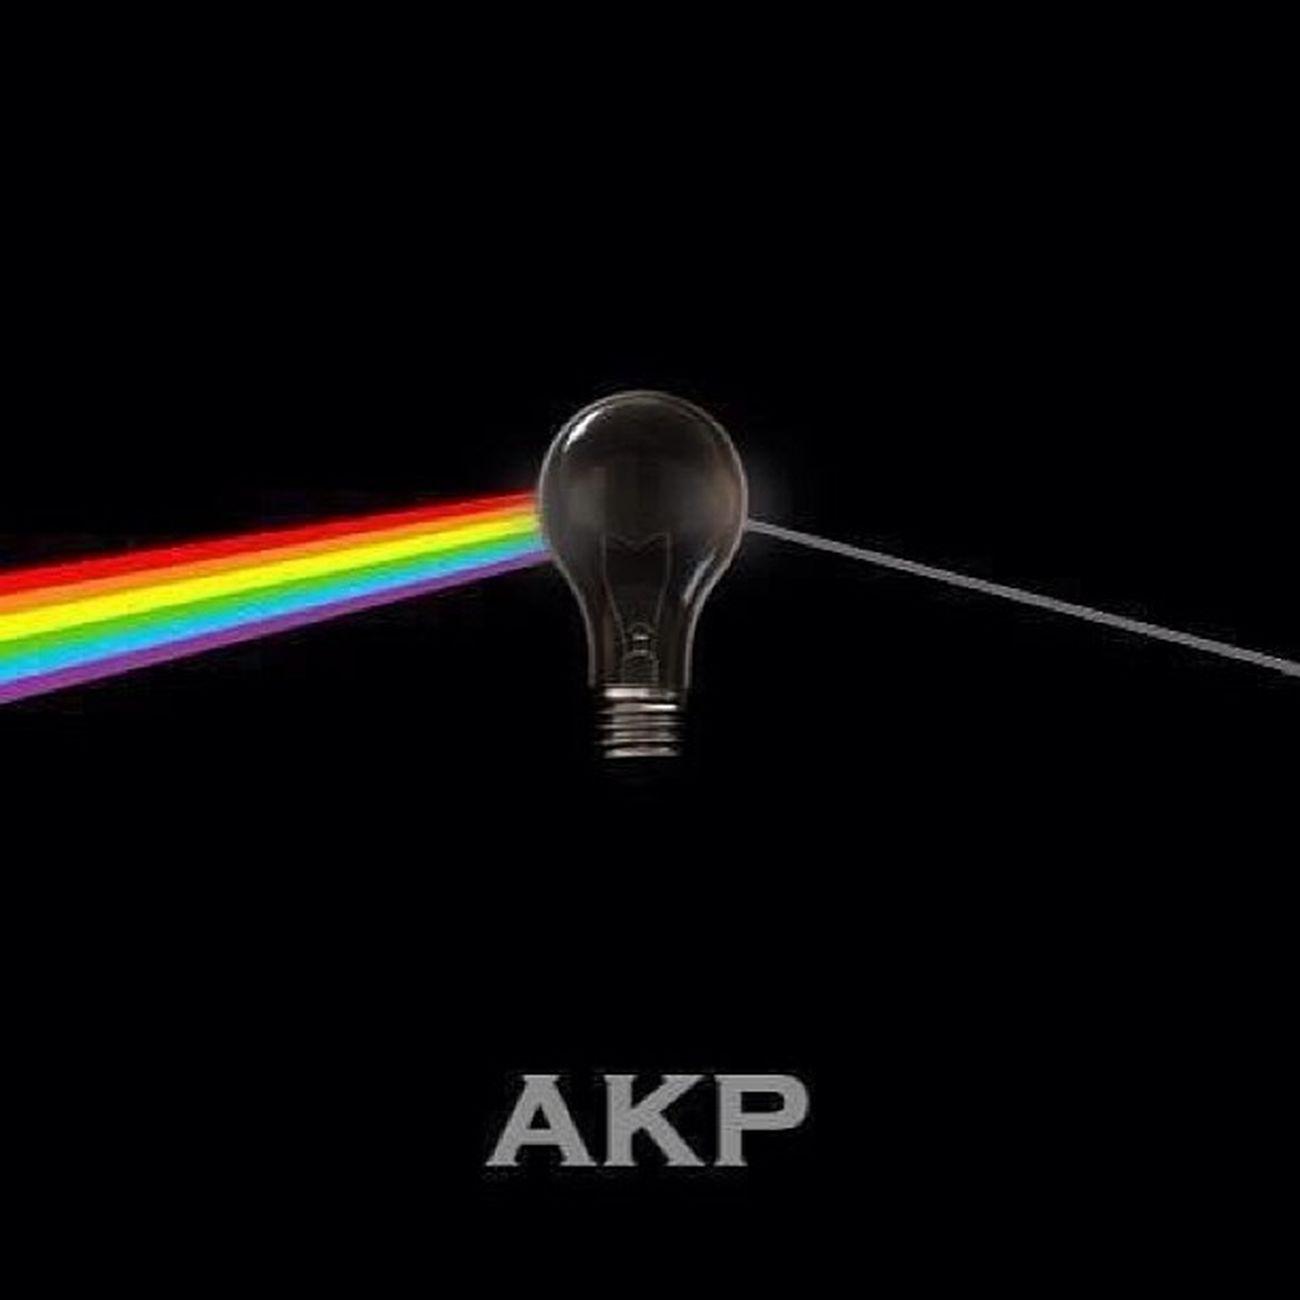 Bir Türkiye ozeti veya Akp ozeti iste... Ampul Isik siyaset turkey yaratici creative